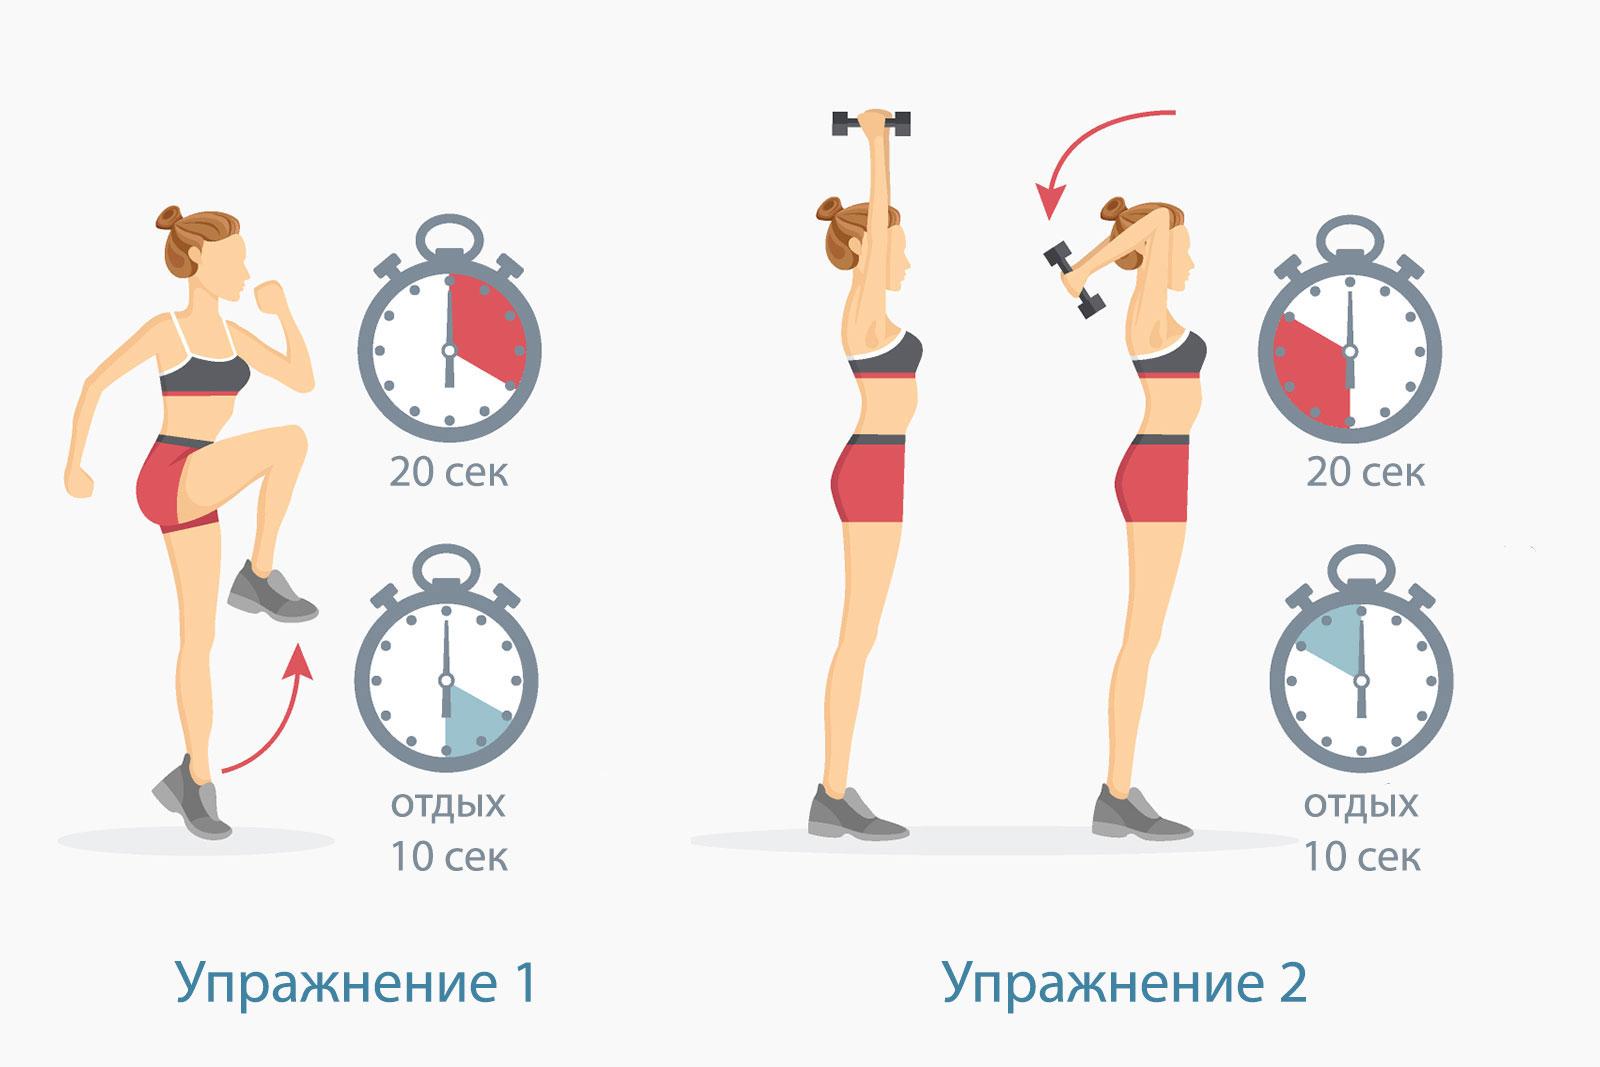 Программа тренировок Табата —упражнение 1